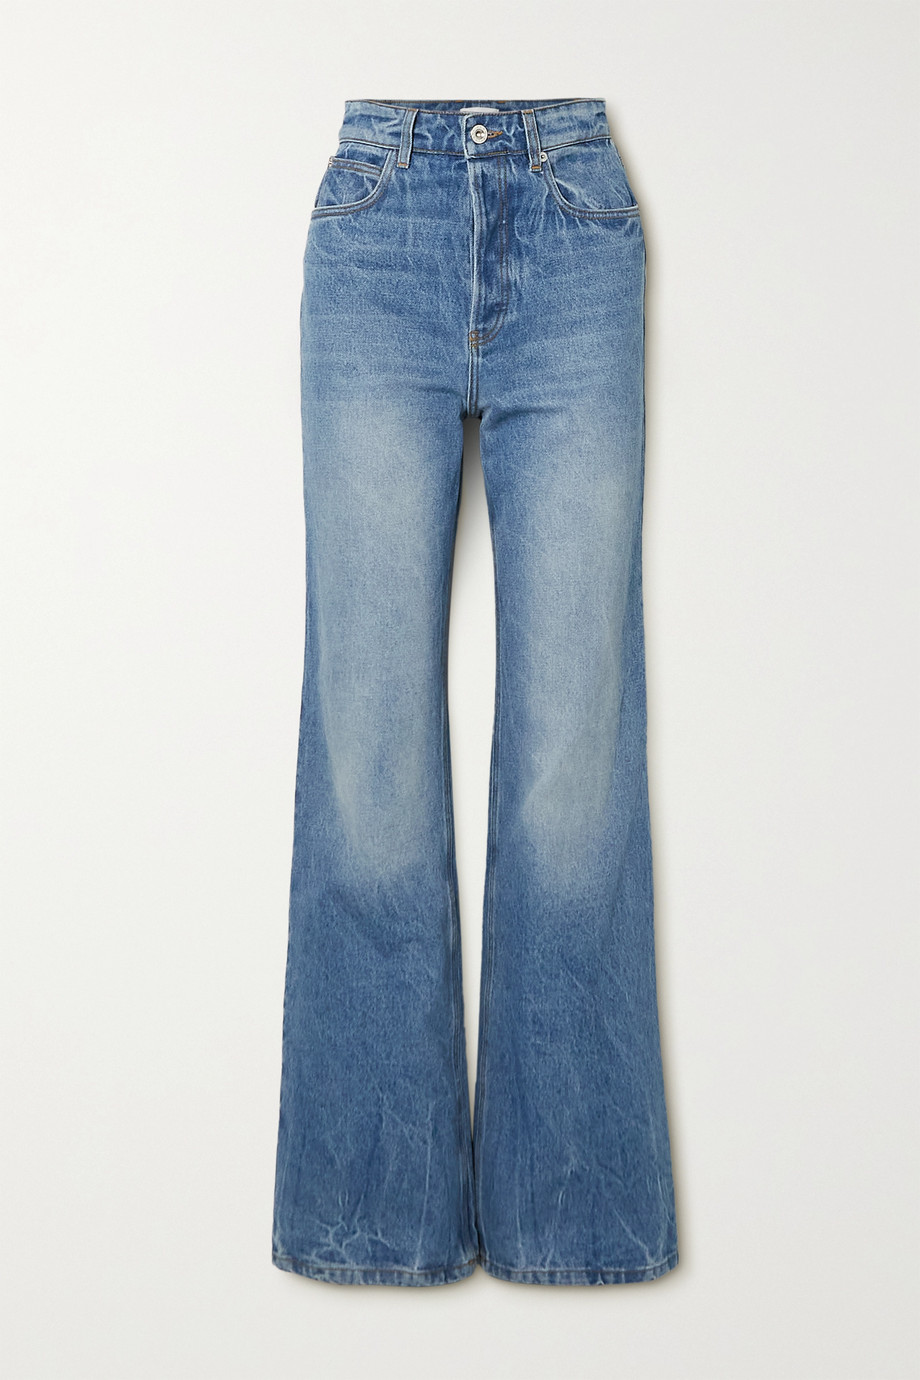 Paco Rabanne Hoch sitzende Jeans mit geradem Bein